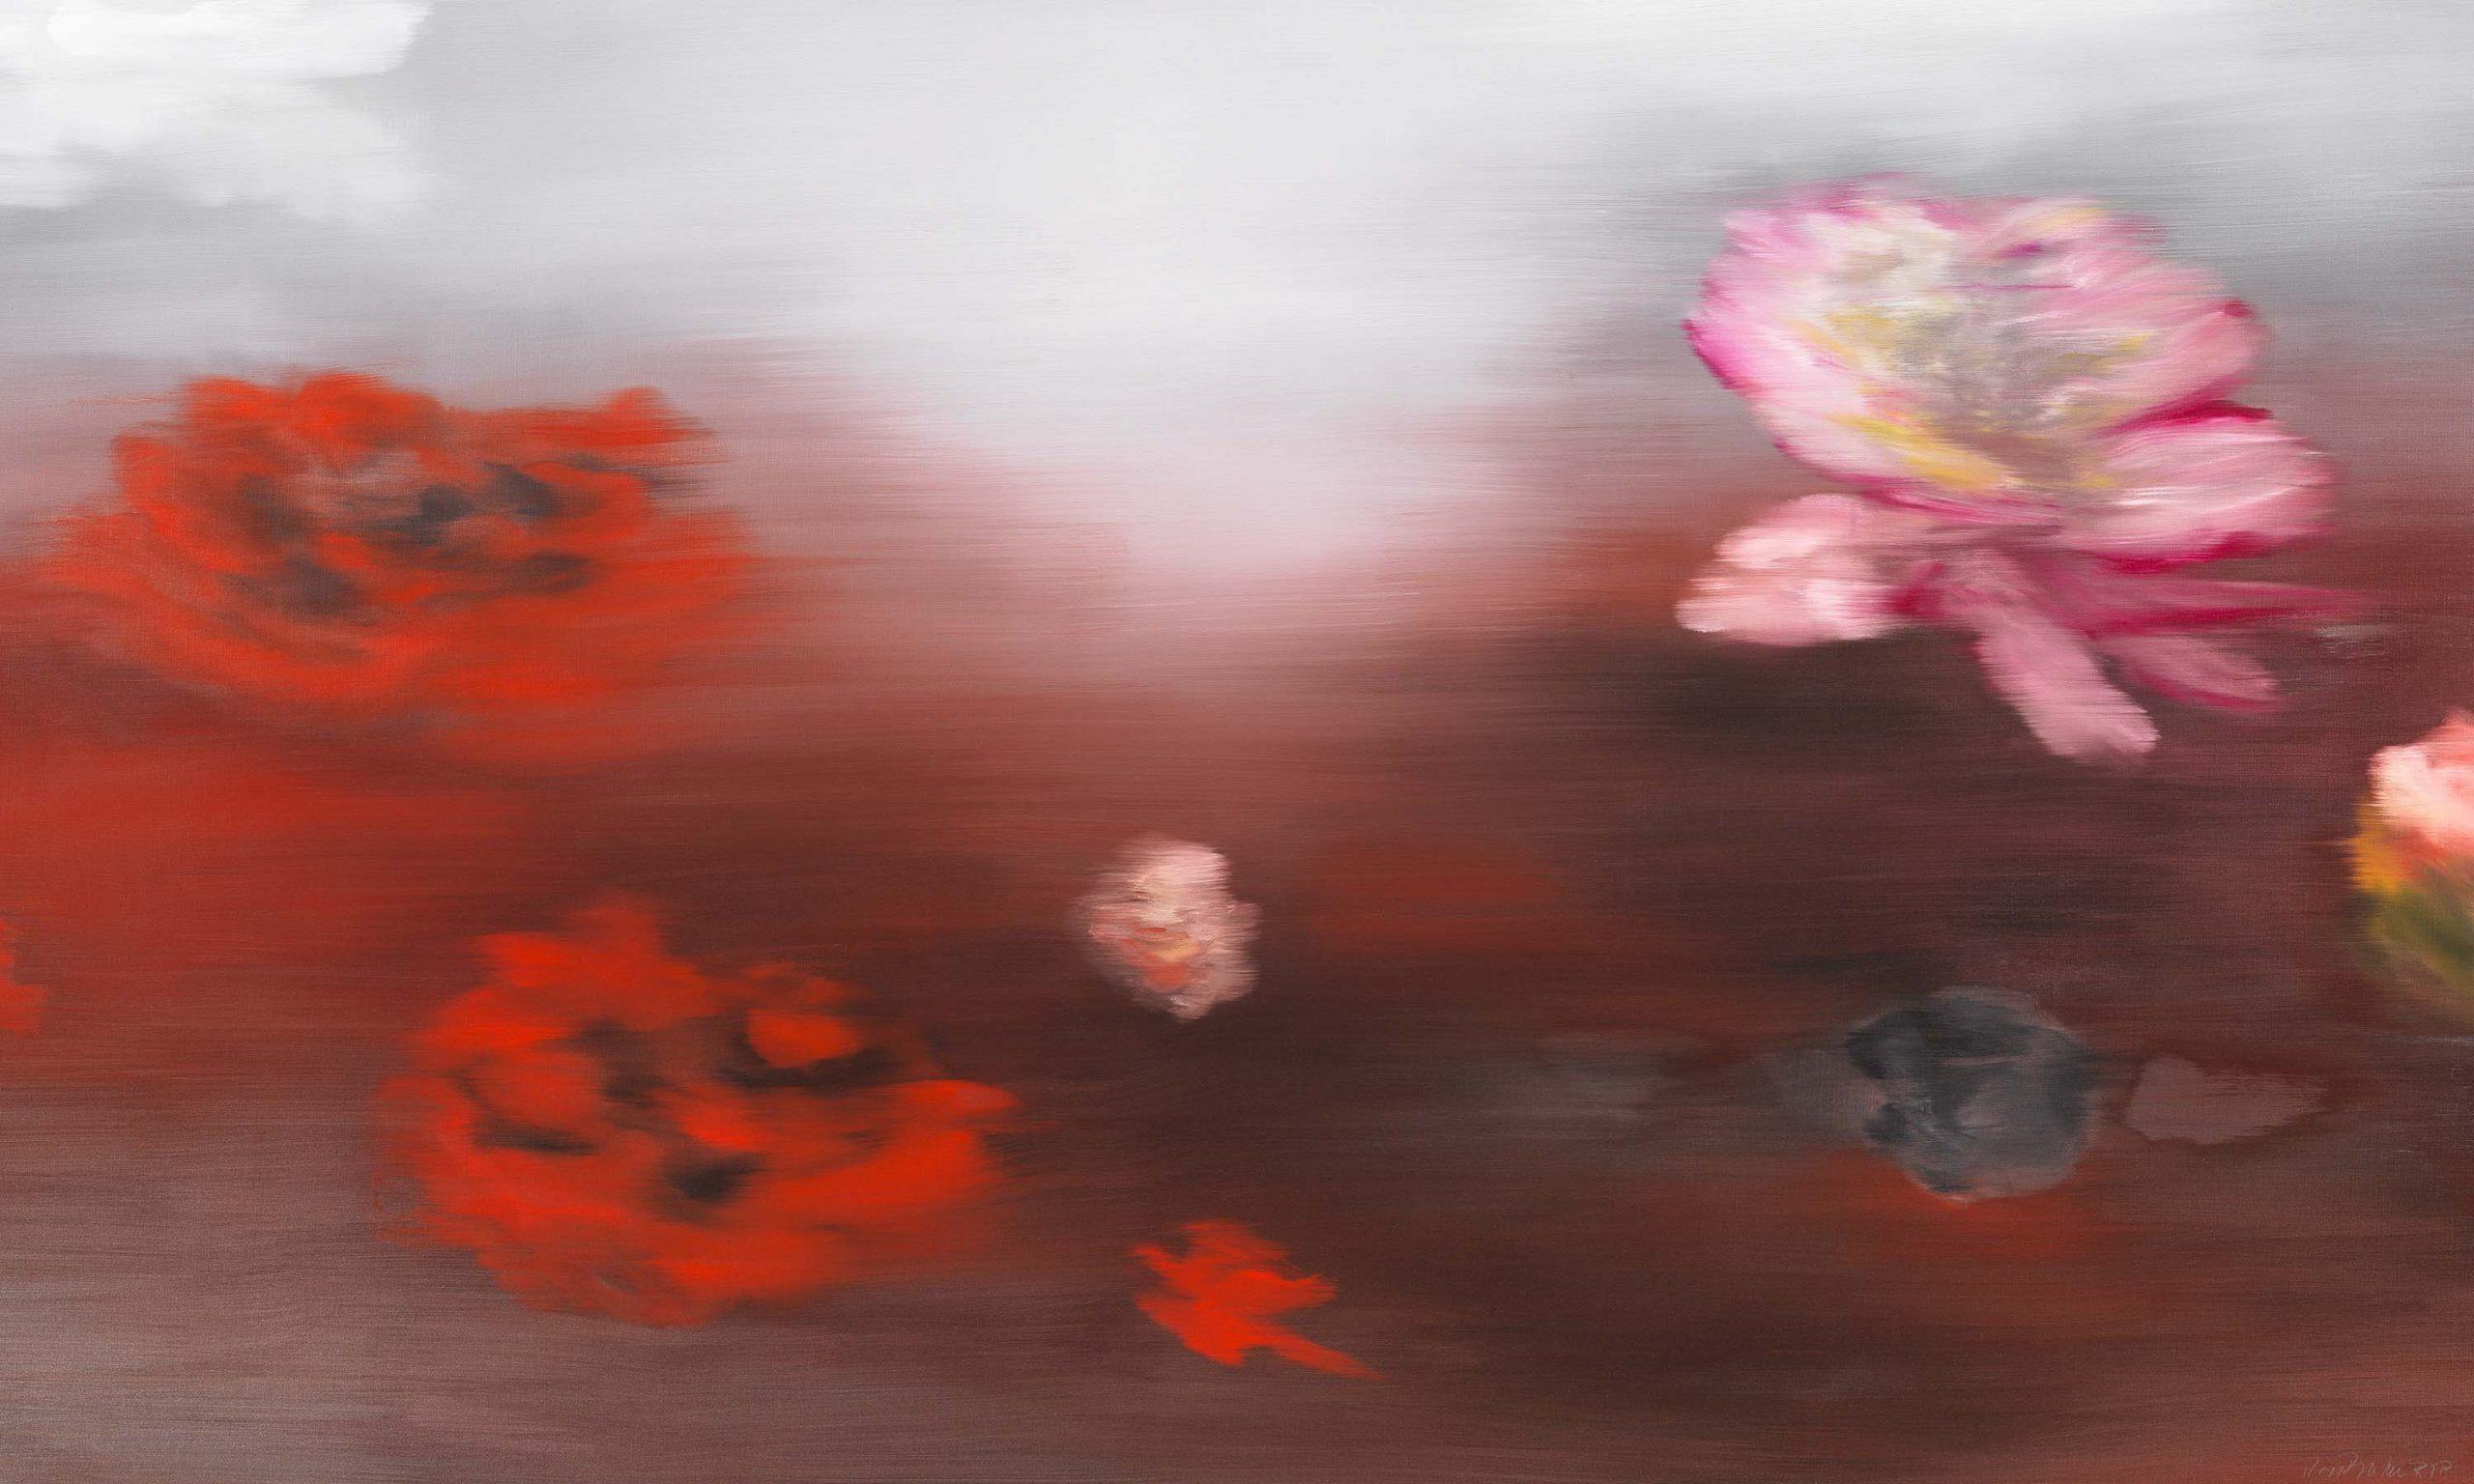 Untitled I (dream Lover) by Ross Bleckner